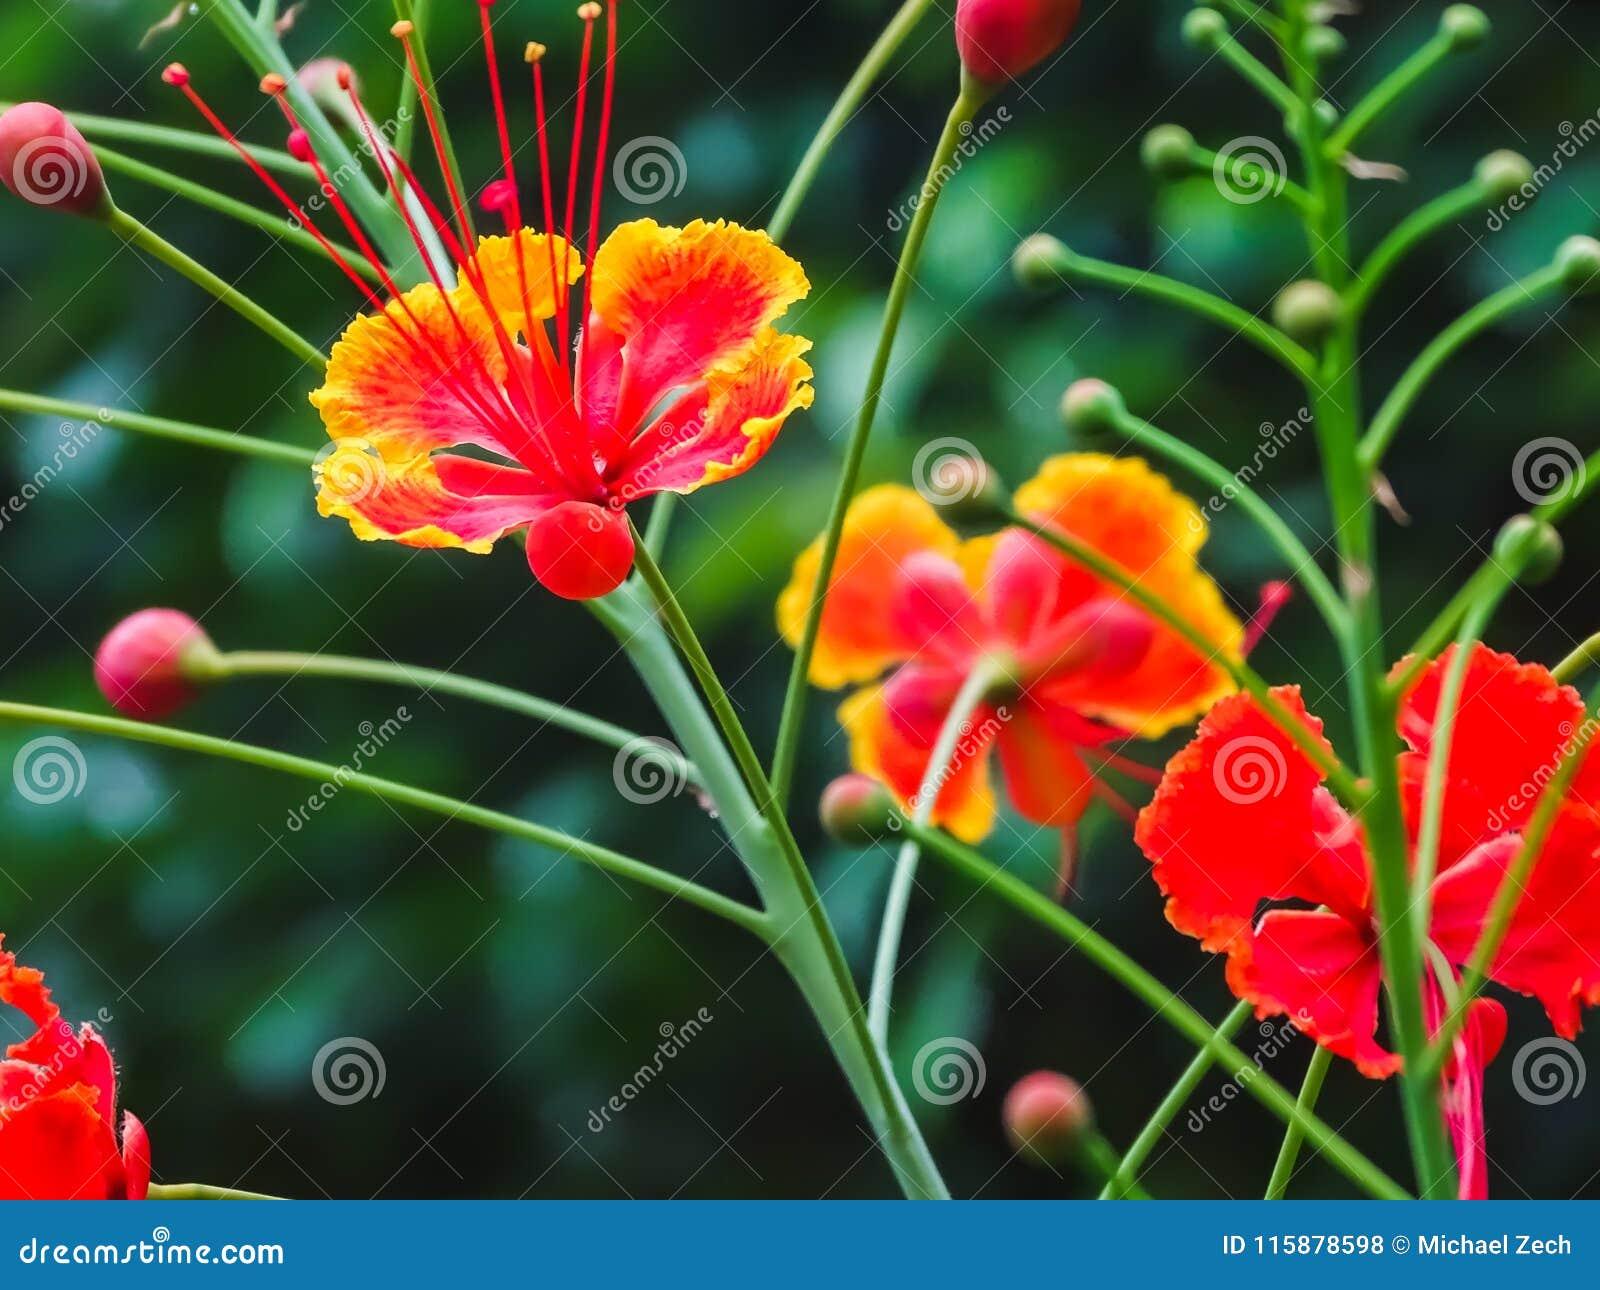 Closeup of beautiful red and yellow Caesalpinia pulcherrima